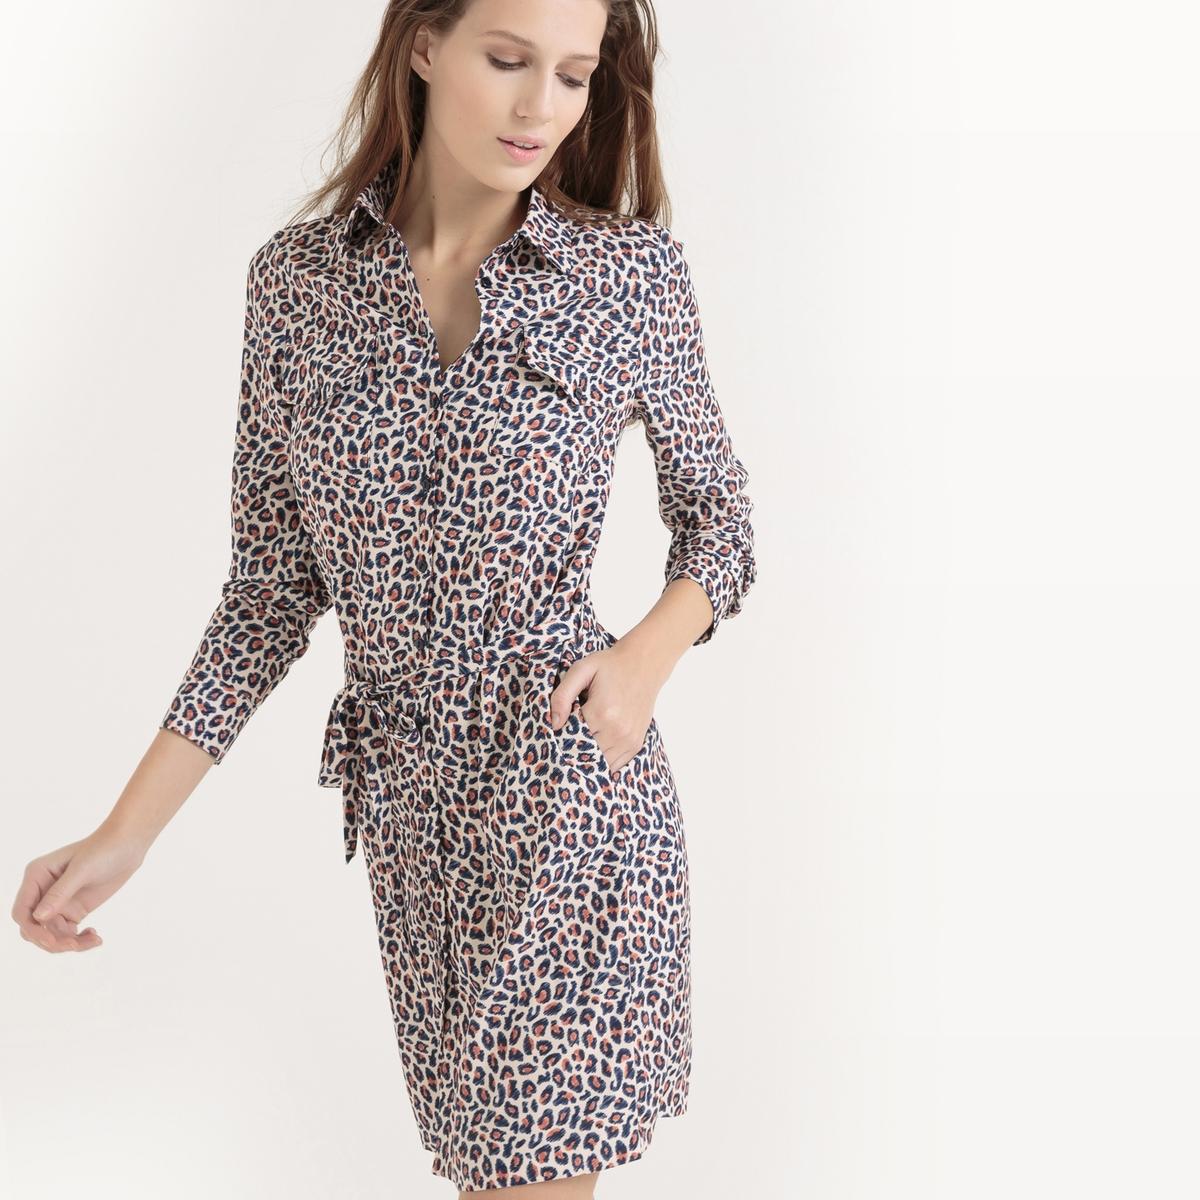 Платье-рубашка с леопардовым принтомПлатье-рубашка с леопардовым принтом  . Прямой покрой с поясом на шлевках и завязками . Длинные рукава и манжеты с застежкой на пуговицы. Застежка на пуговицы спереди. 2 нагрудных кармана с клапаном на пуговице.  Состав и описаниеМатериал : 100% полиэстерДлина : 95 смМарка : atelier R.Уход:Машинная стирка при 30°C Стирать вместе с одеждой подобных цветов - Стирать и гладить с изнаночной стороны. Барабанная сушка запрещена Гладить при низкой температуре.<br><br>Цвет: леопардовый рисунок<br>Размер: 50 (FR) - 56 (RUS).48 (FR) - 54 (RUS).46 (FR) - 52 (RUS).42 (FR) - 48 (RUS).40 (FR) - 46 (RUS).38 (FR) - 44 (RUS).36 (FR) - 42 (RUS)